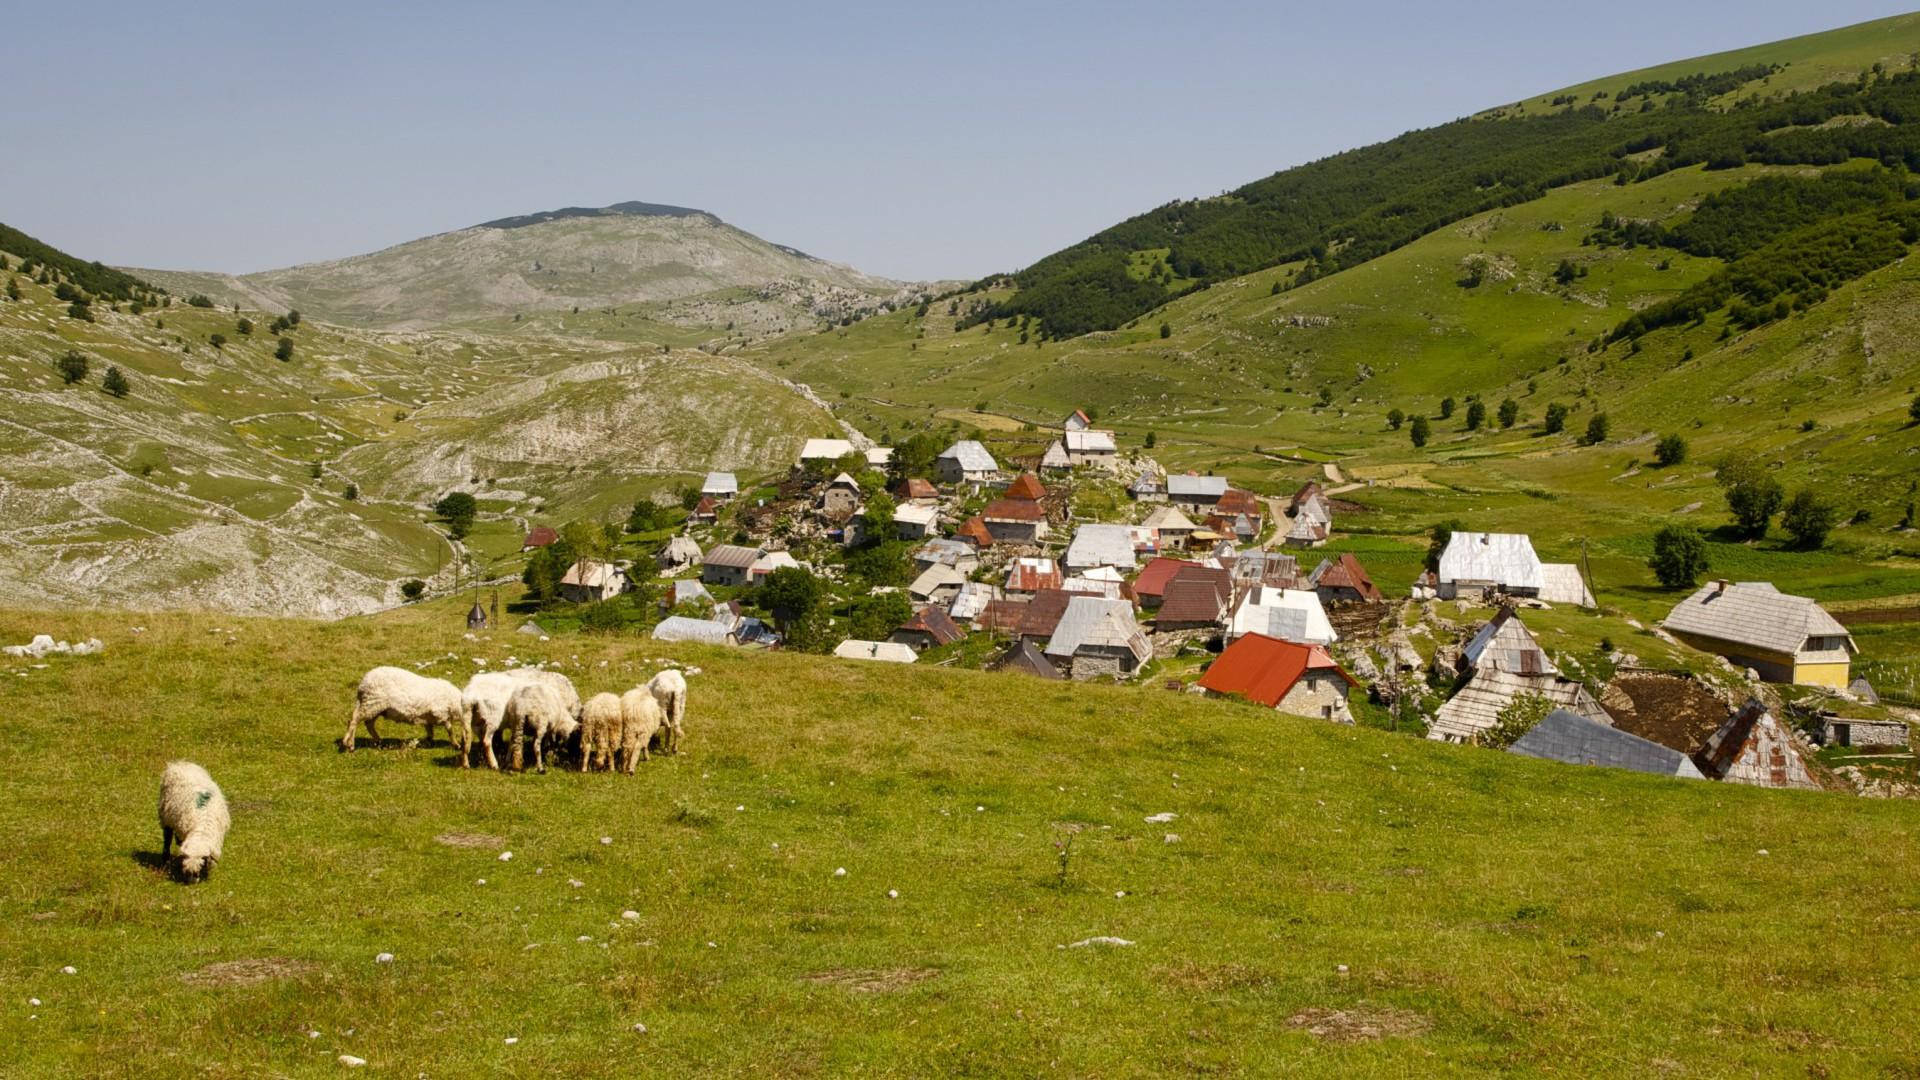 Trekking auf dem Balkan: Von Serbien nach Kroatien